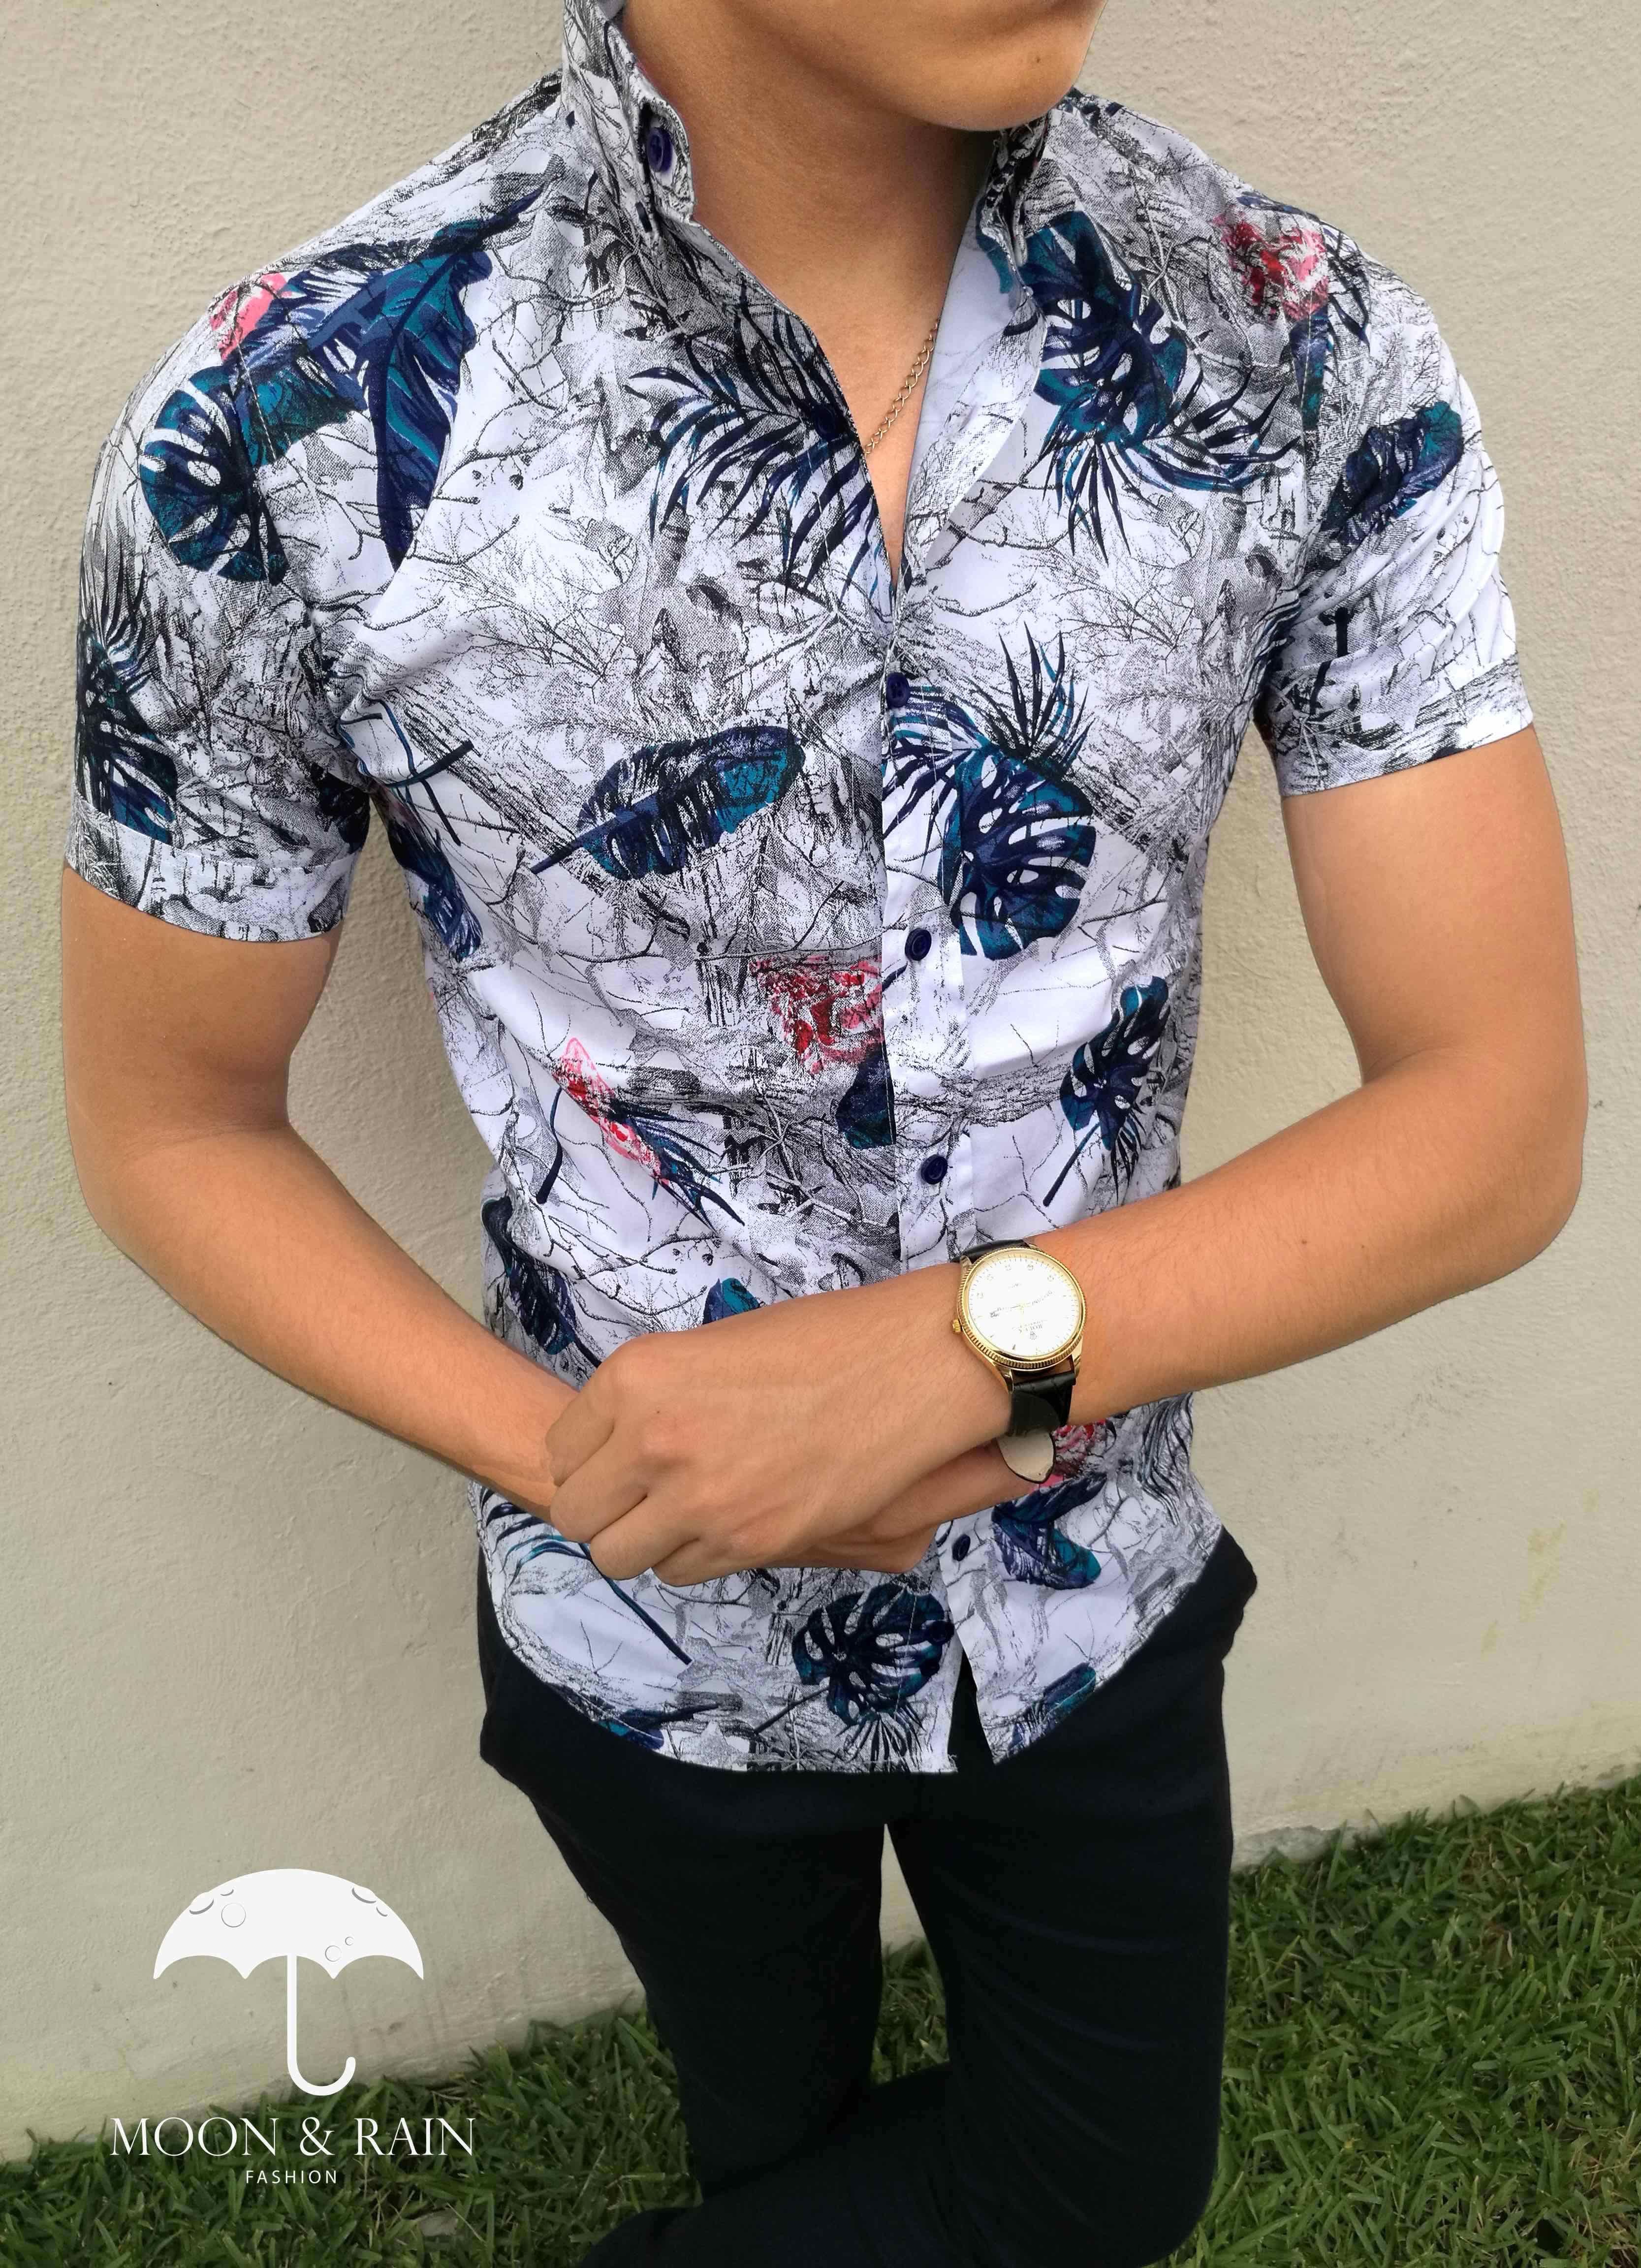 Camisa blanca slim fit manga corta con diseño de flores y hojas marino  b2a7b93a2e25a